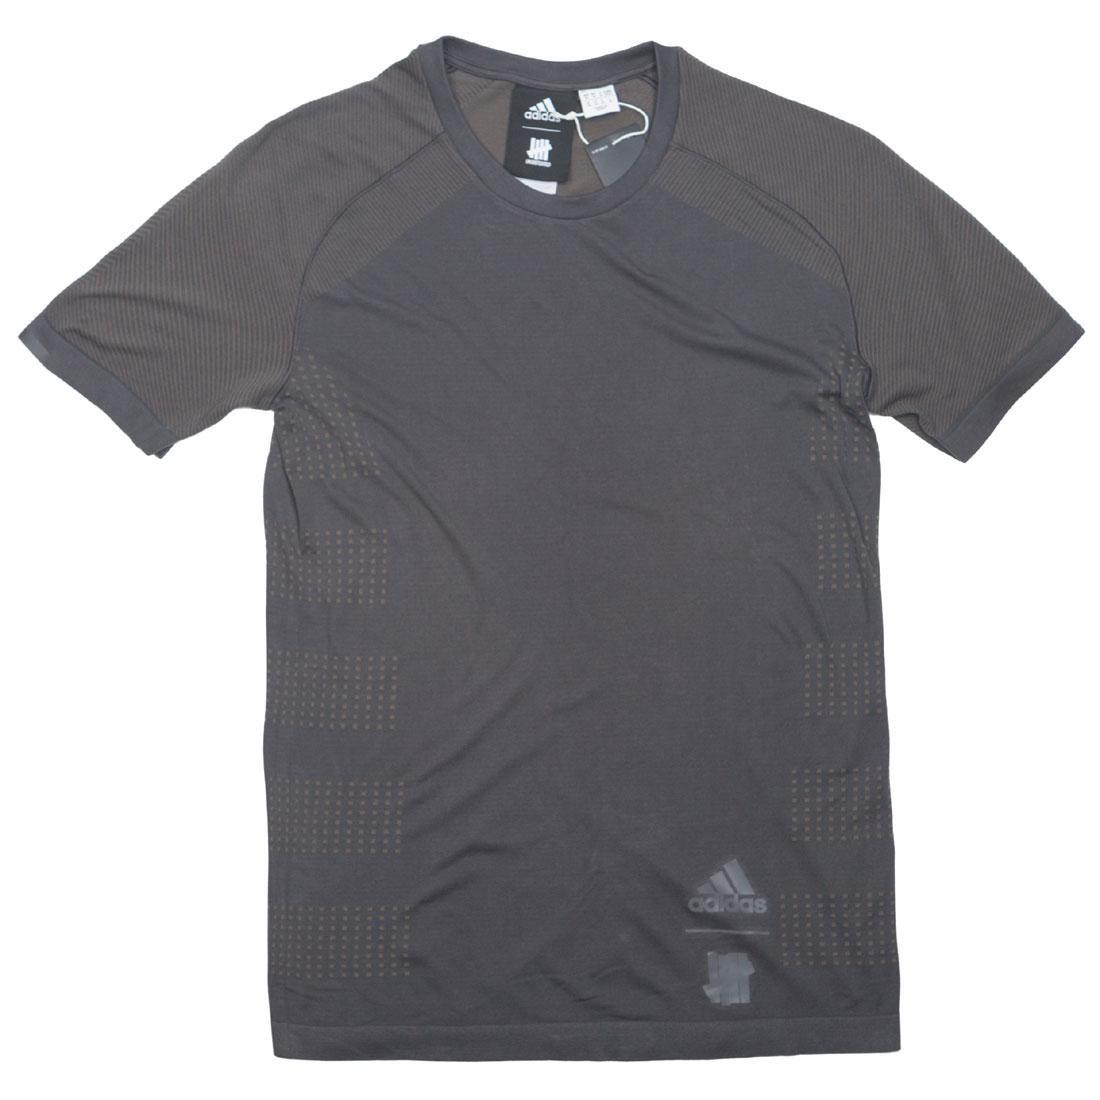 アディダス ADIDAS エルティーディー Tシャツ 黒 ブラック メンズファッション トップス カットソー メンズ 【 X Undefeated Men Primeknit Ltd Tee (black / Utility Black / Cinder) 】 Black / Utility Black / Cinde